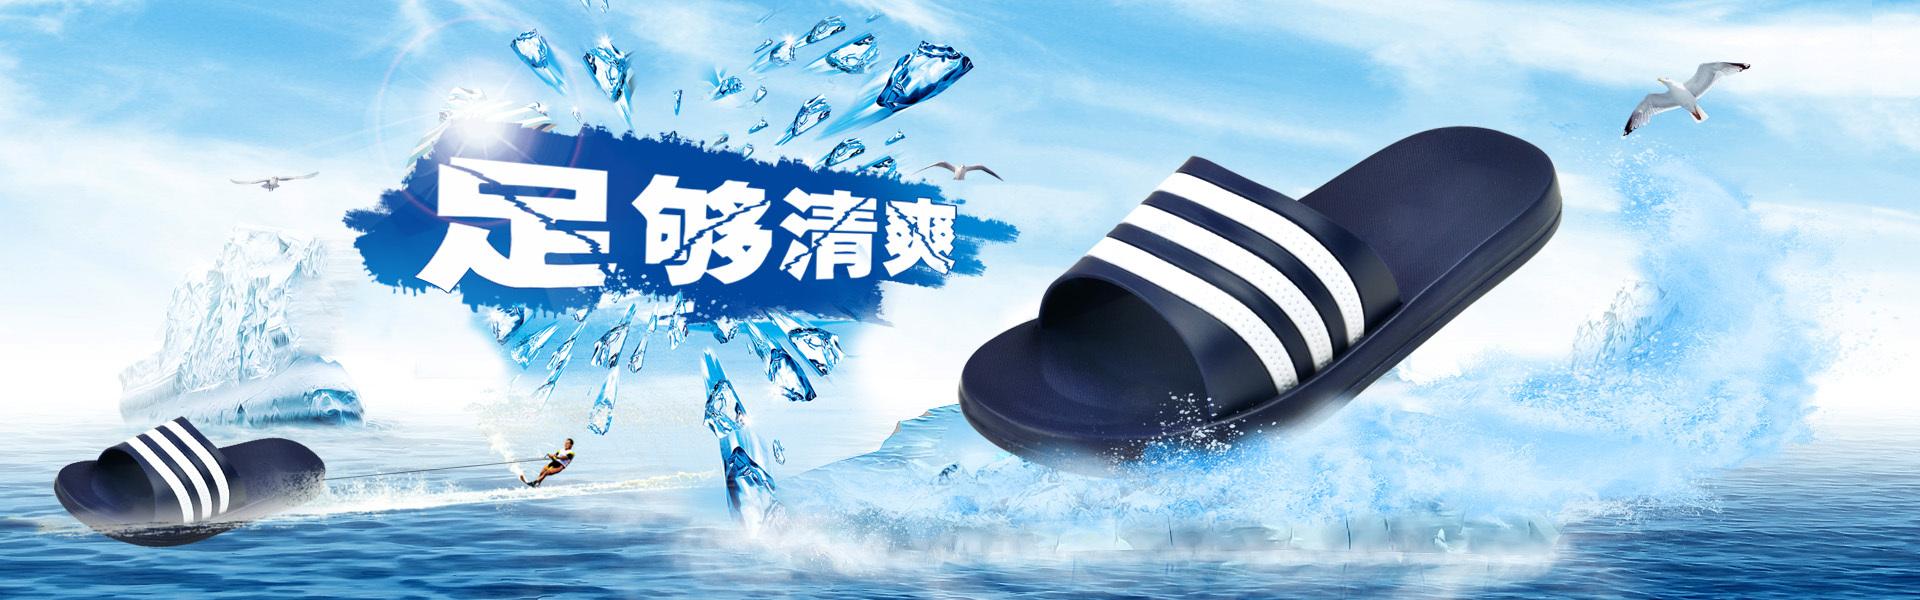 晋江御龙鞋业有限公司